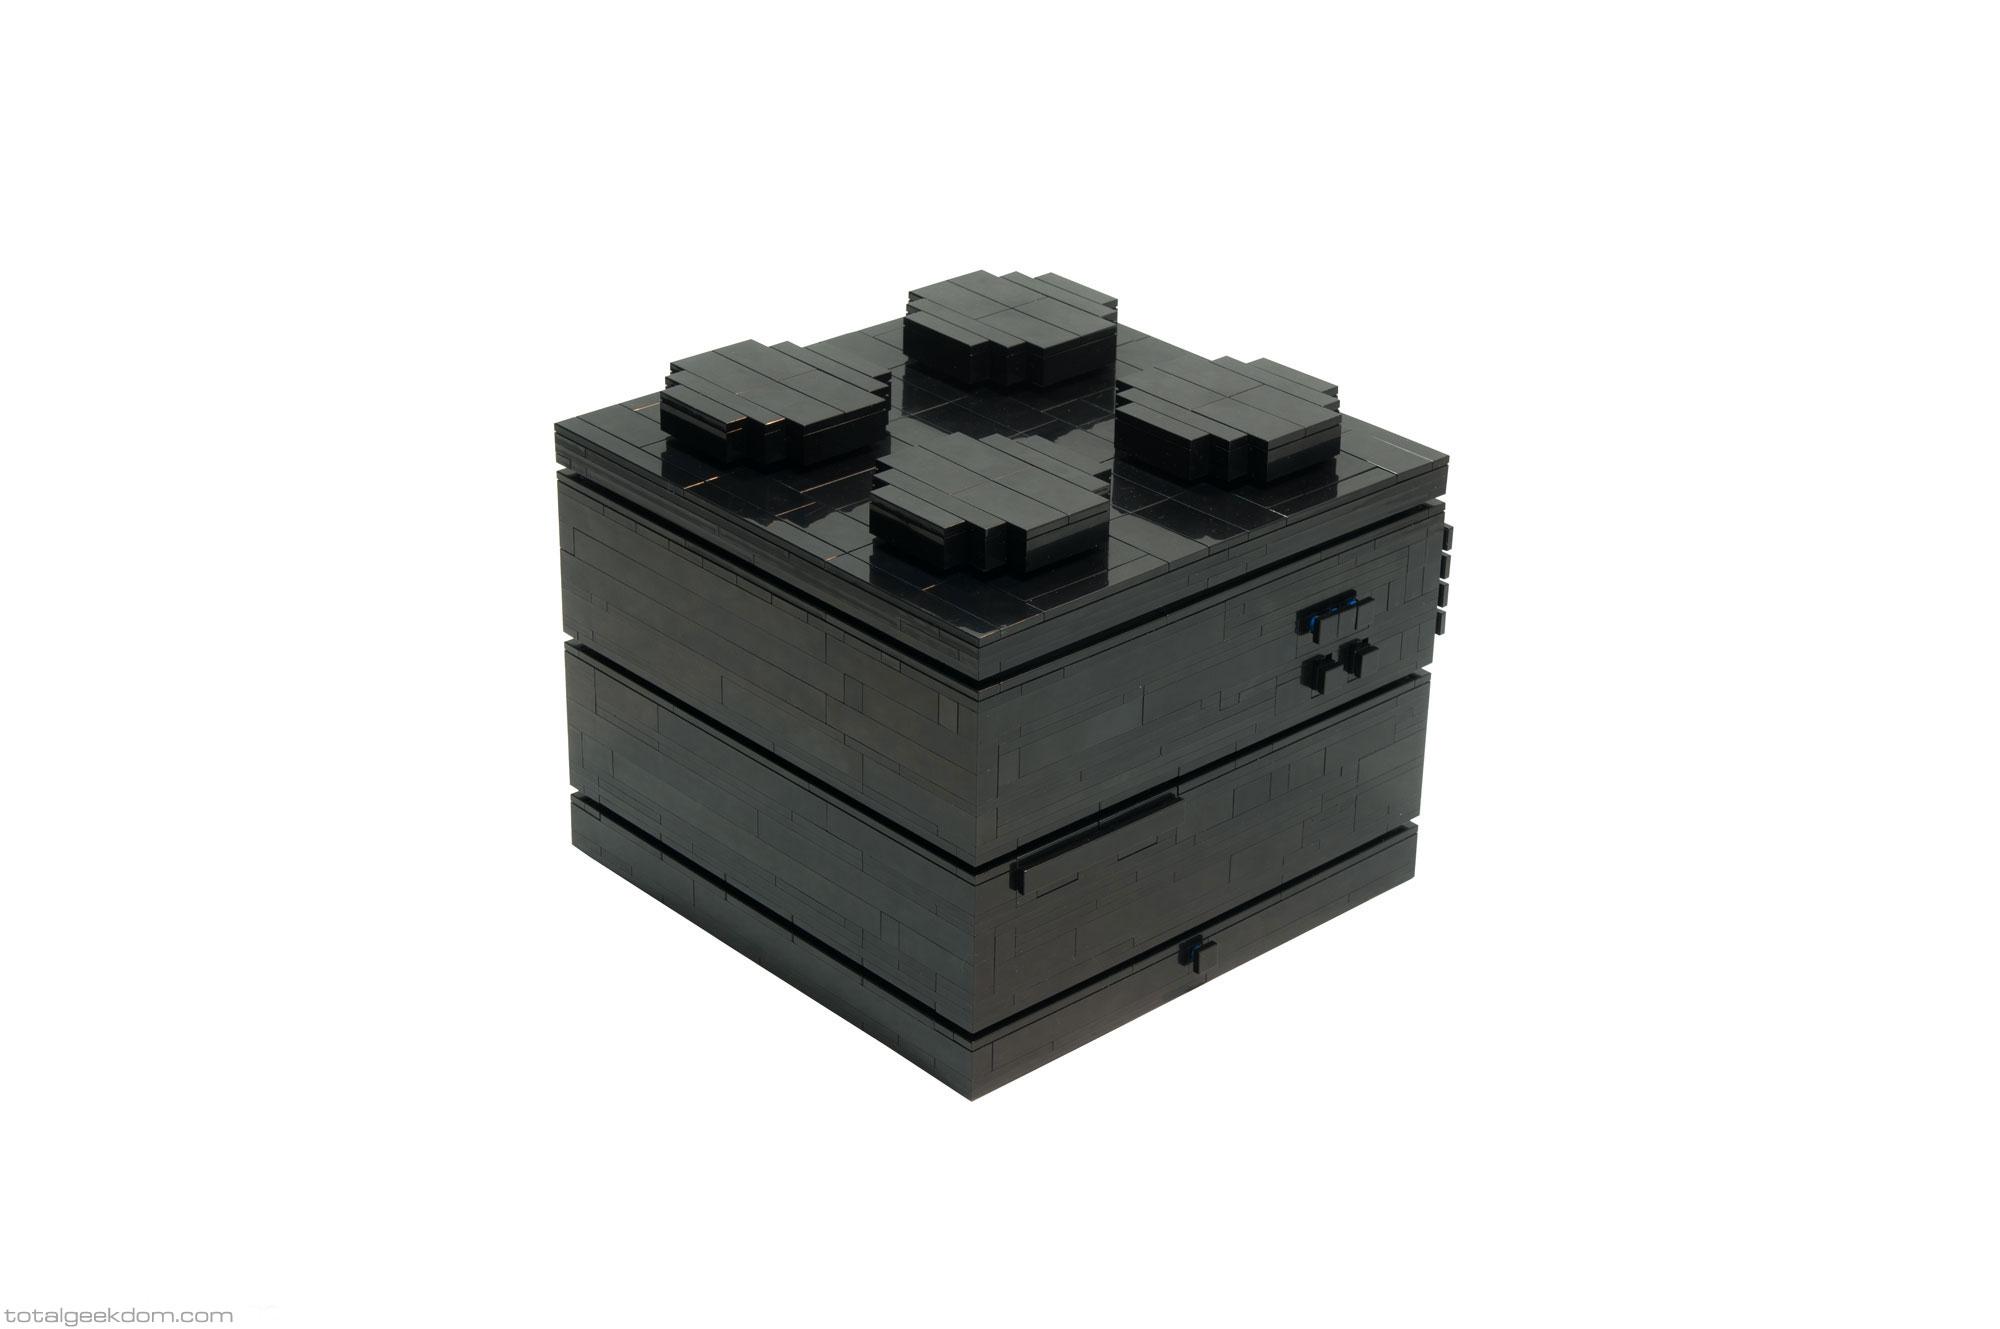 Stein und Stein und fertig ist der LEGO Computer (Bild: TotalGeekdom.com).